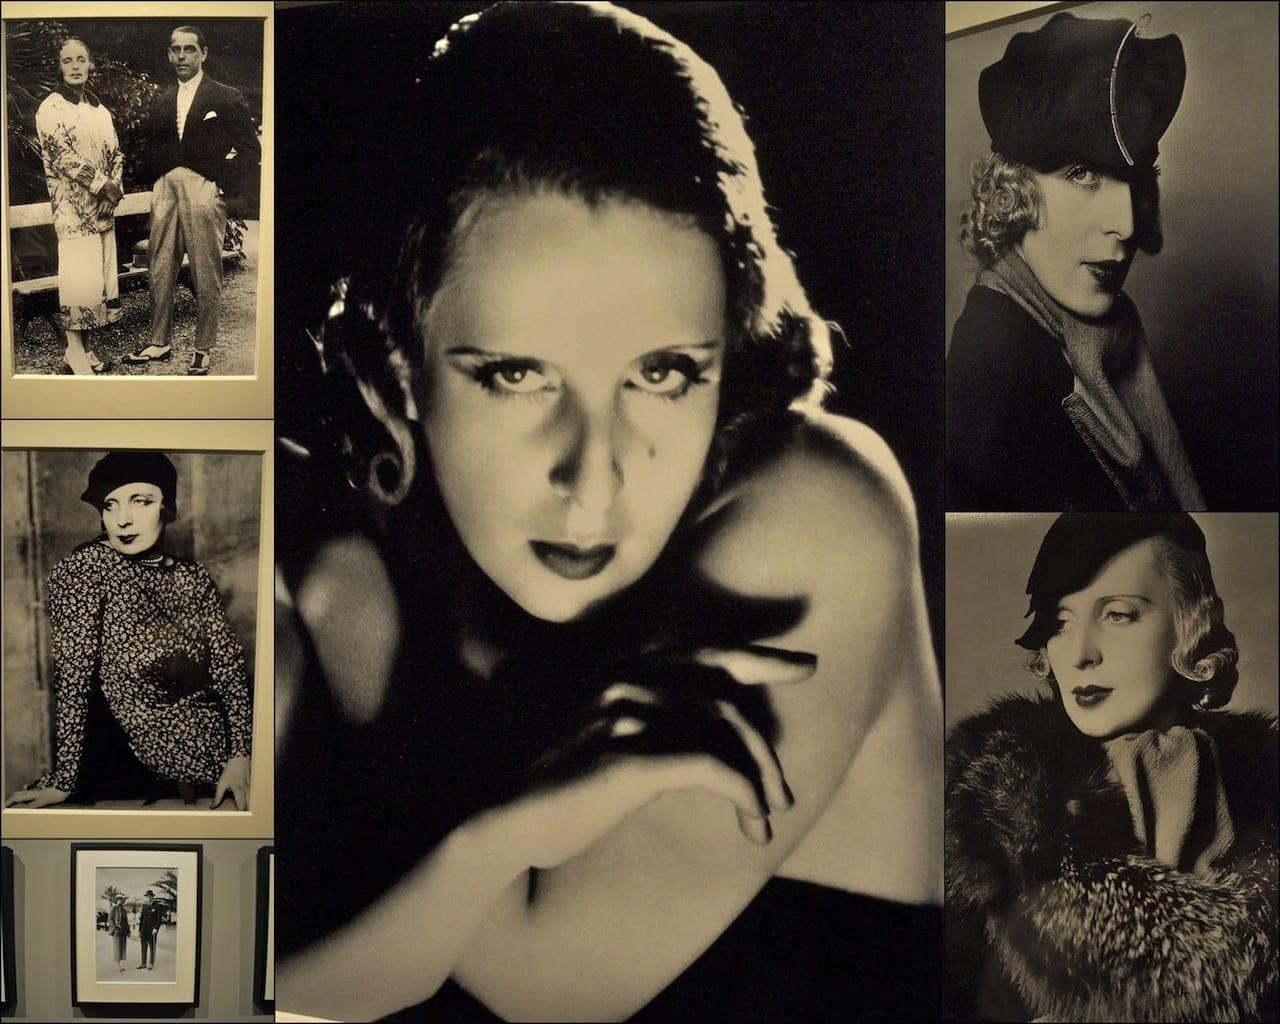 2011 07 046 - Tamara de Lempicka - O viaţă dedicată artei şi extravaganţei